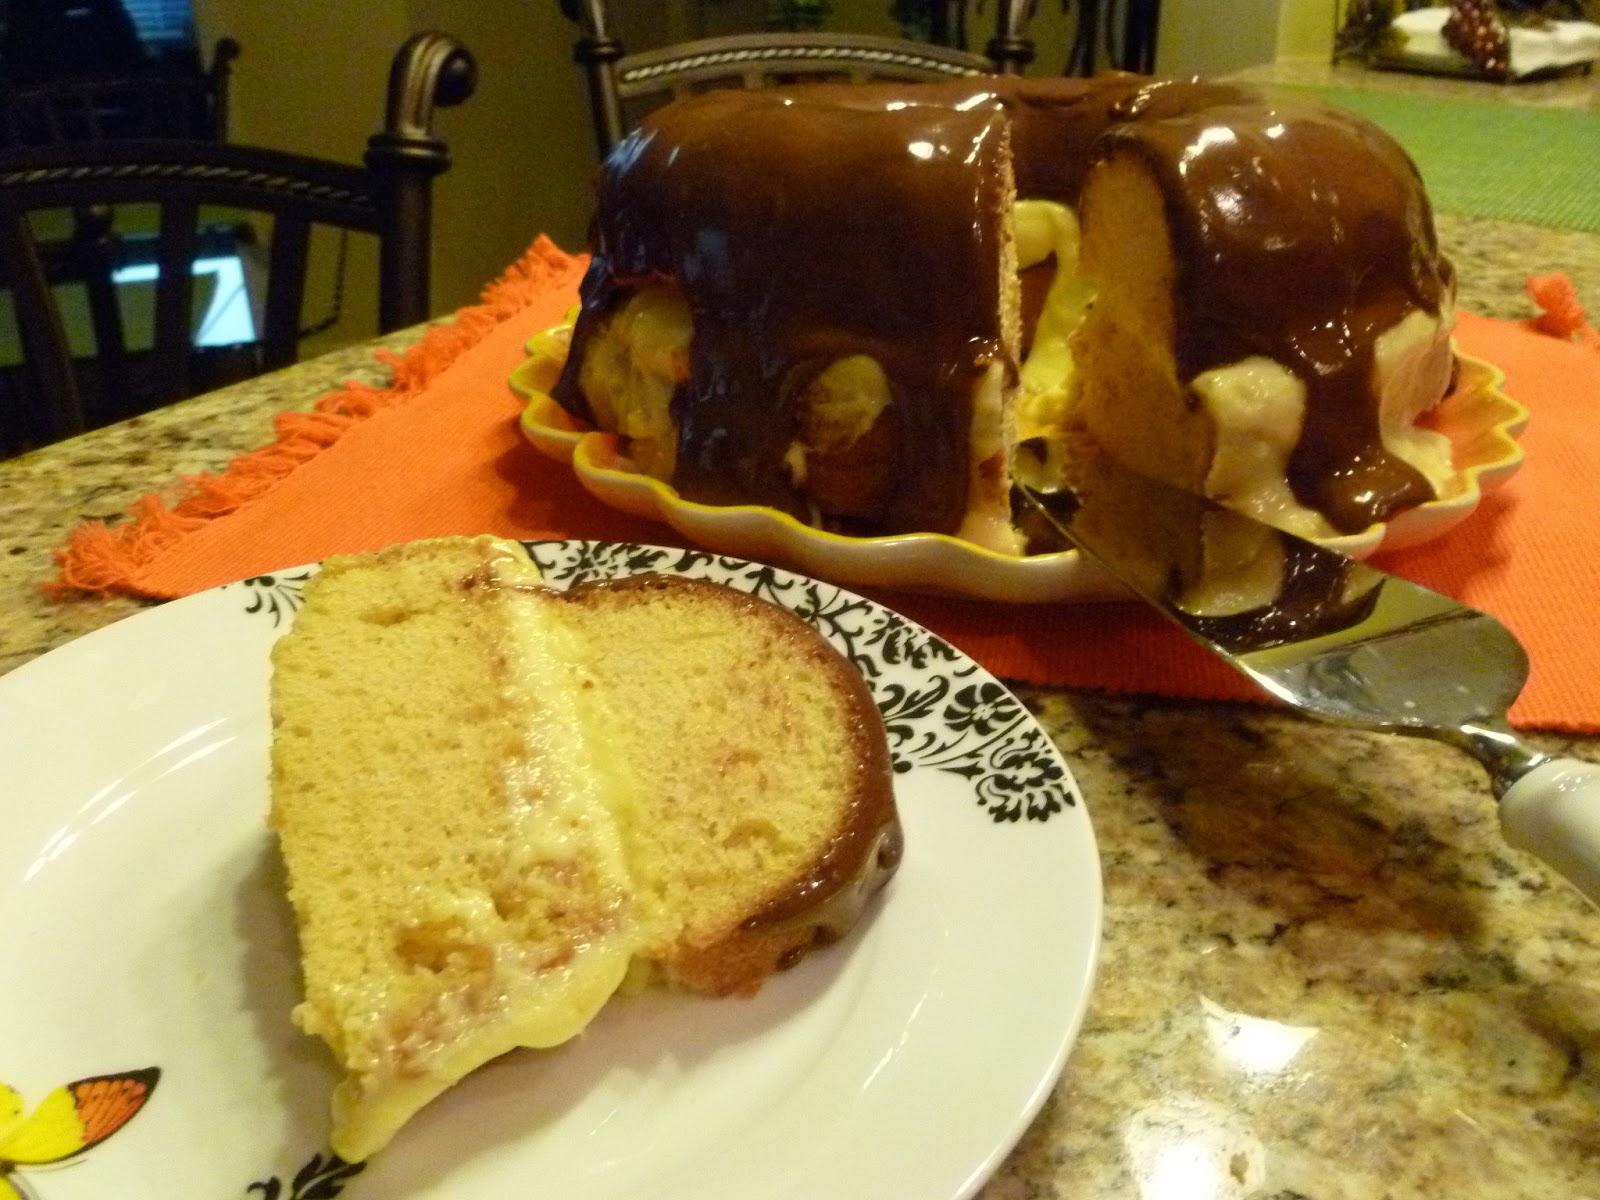 Bake A Bunt Cake From Scratch Recipe